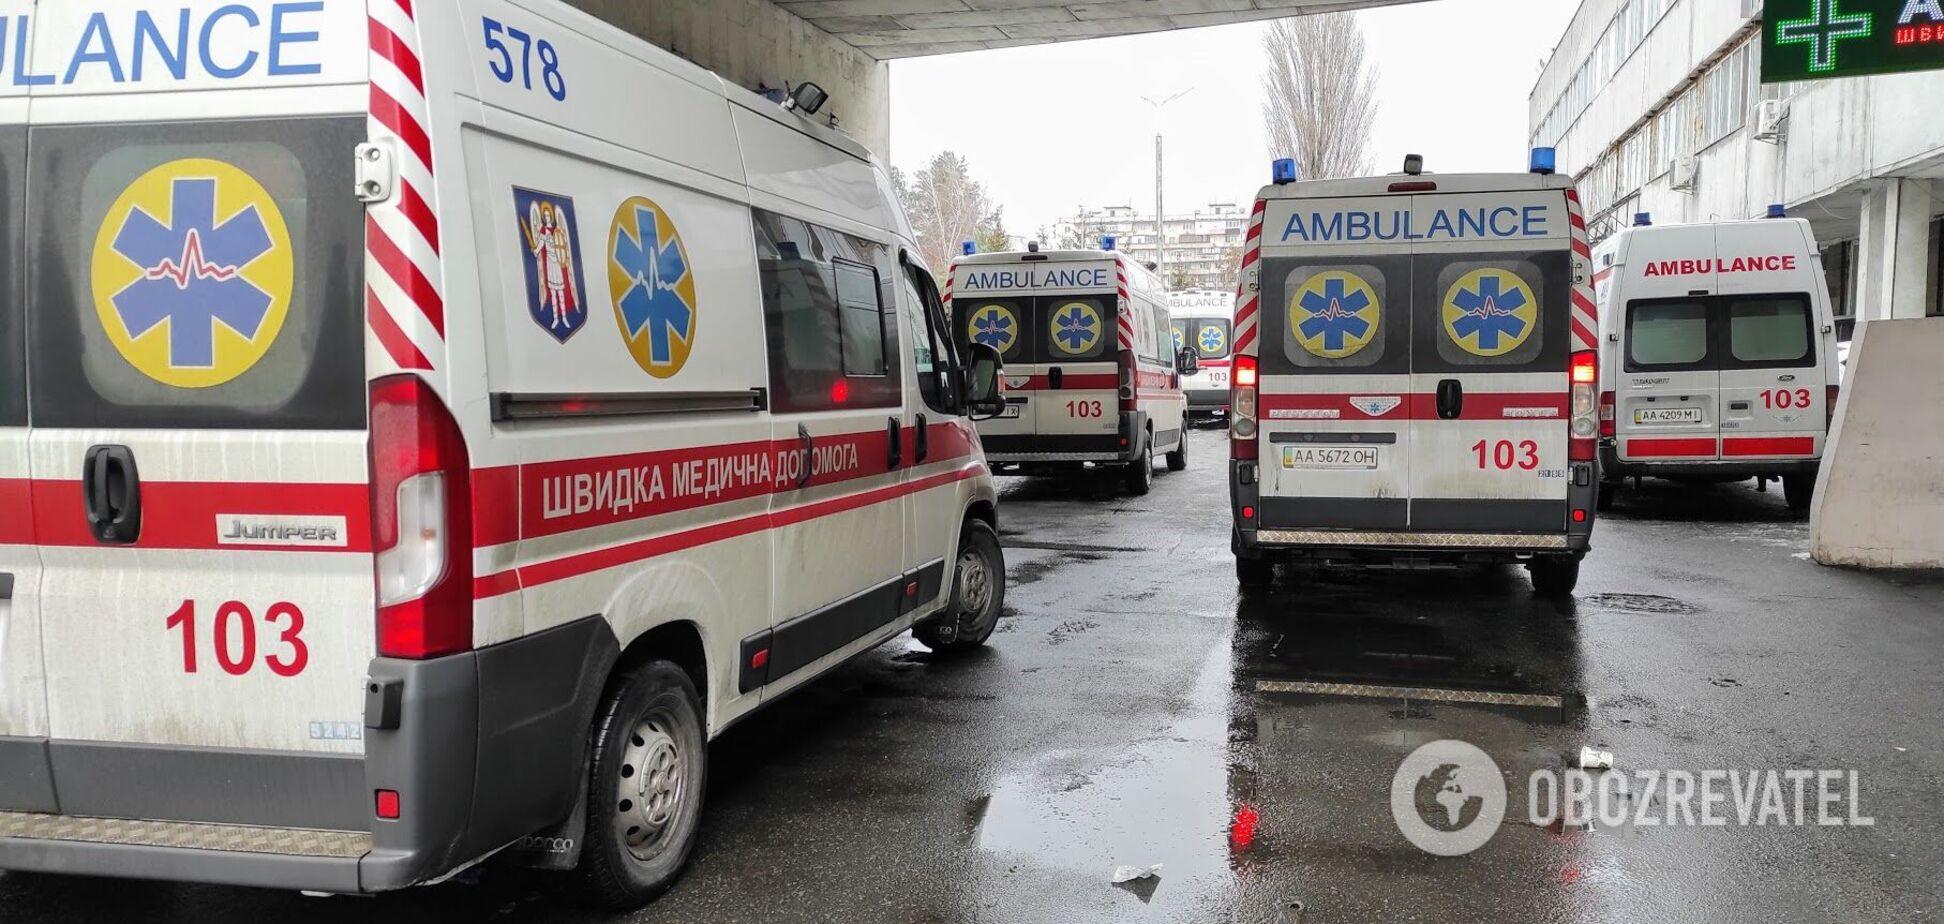 Вакцинація в Київській області розпочалась 24 лютого